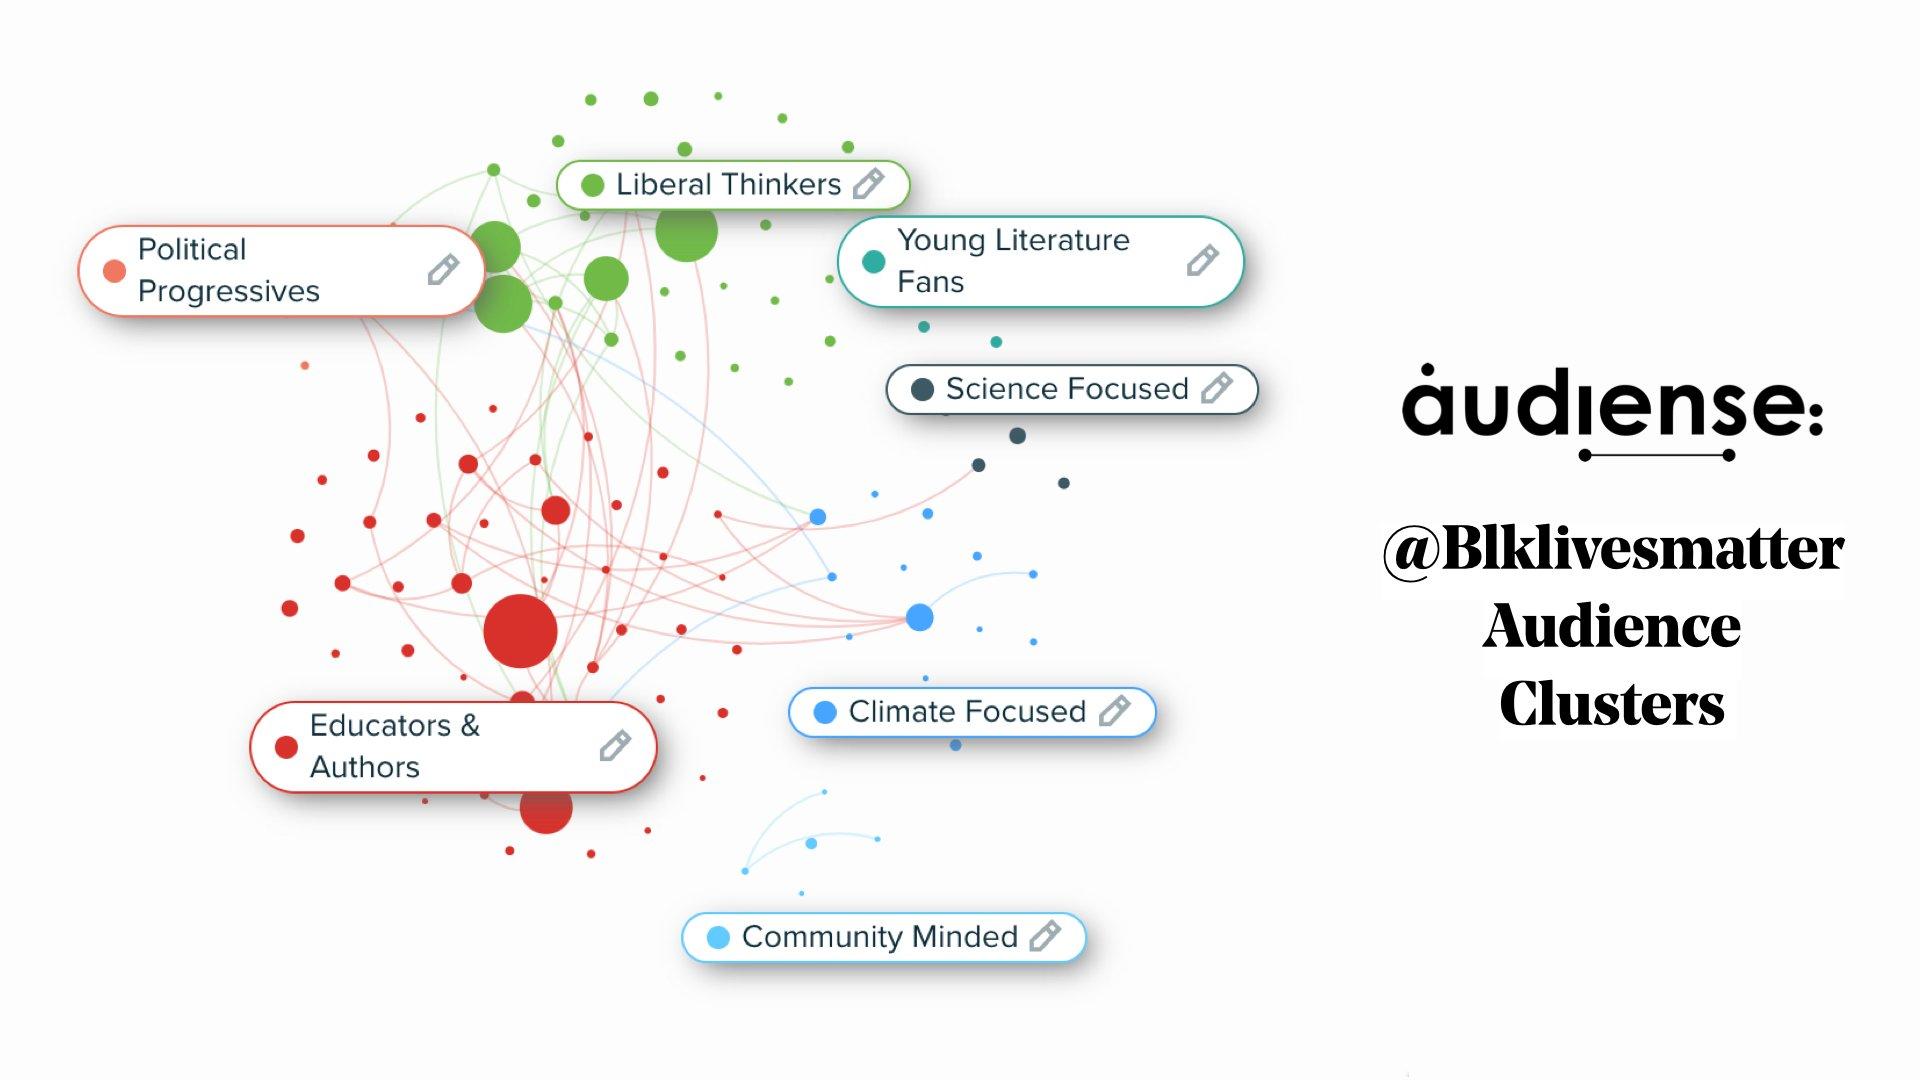 Black Lives Matter - Audiense & GWI analysis